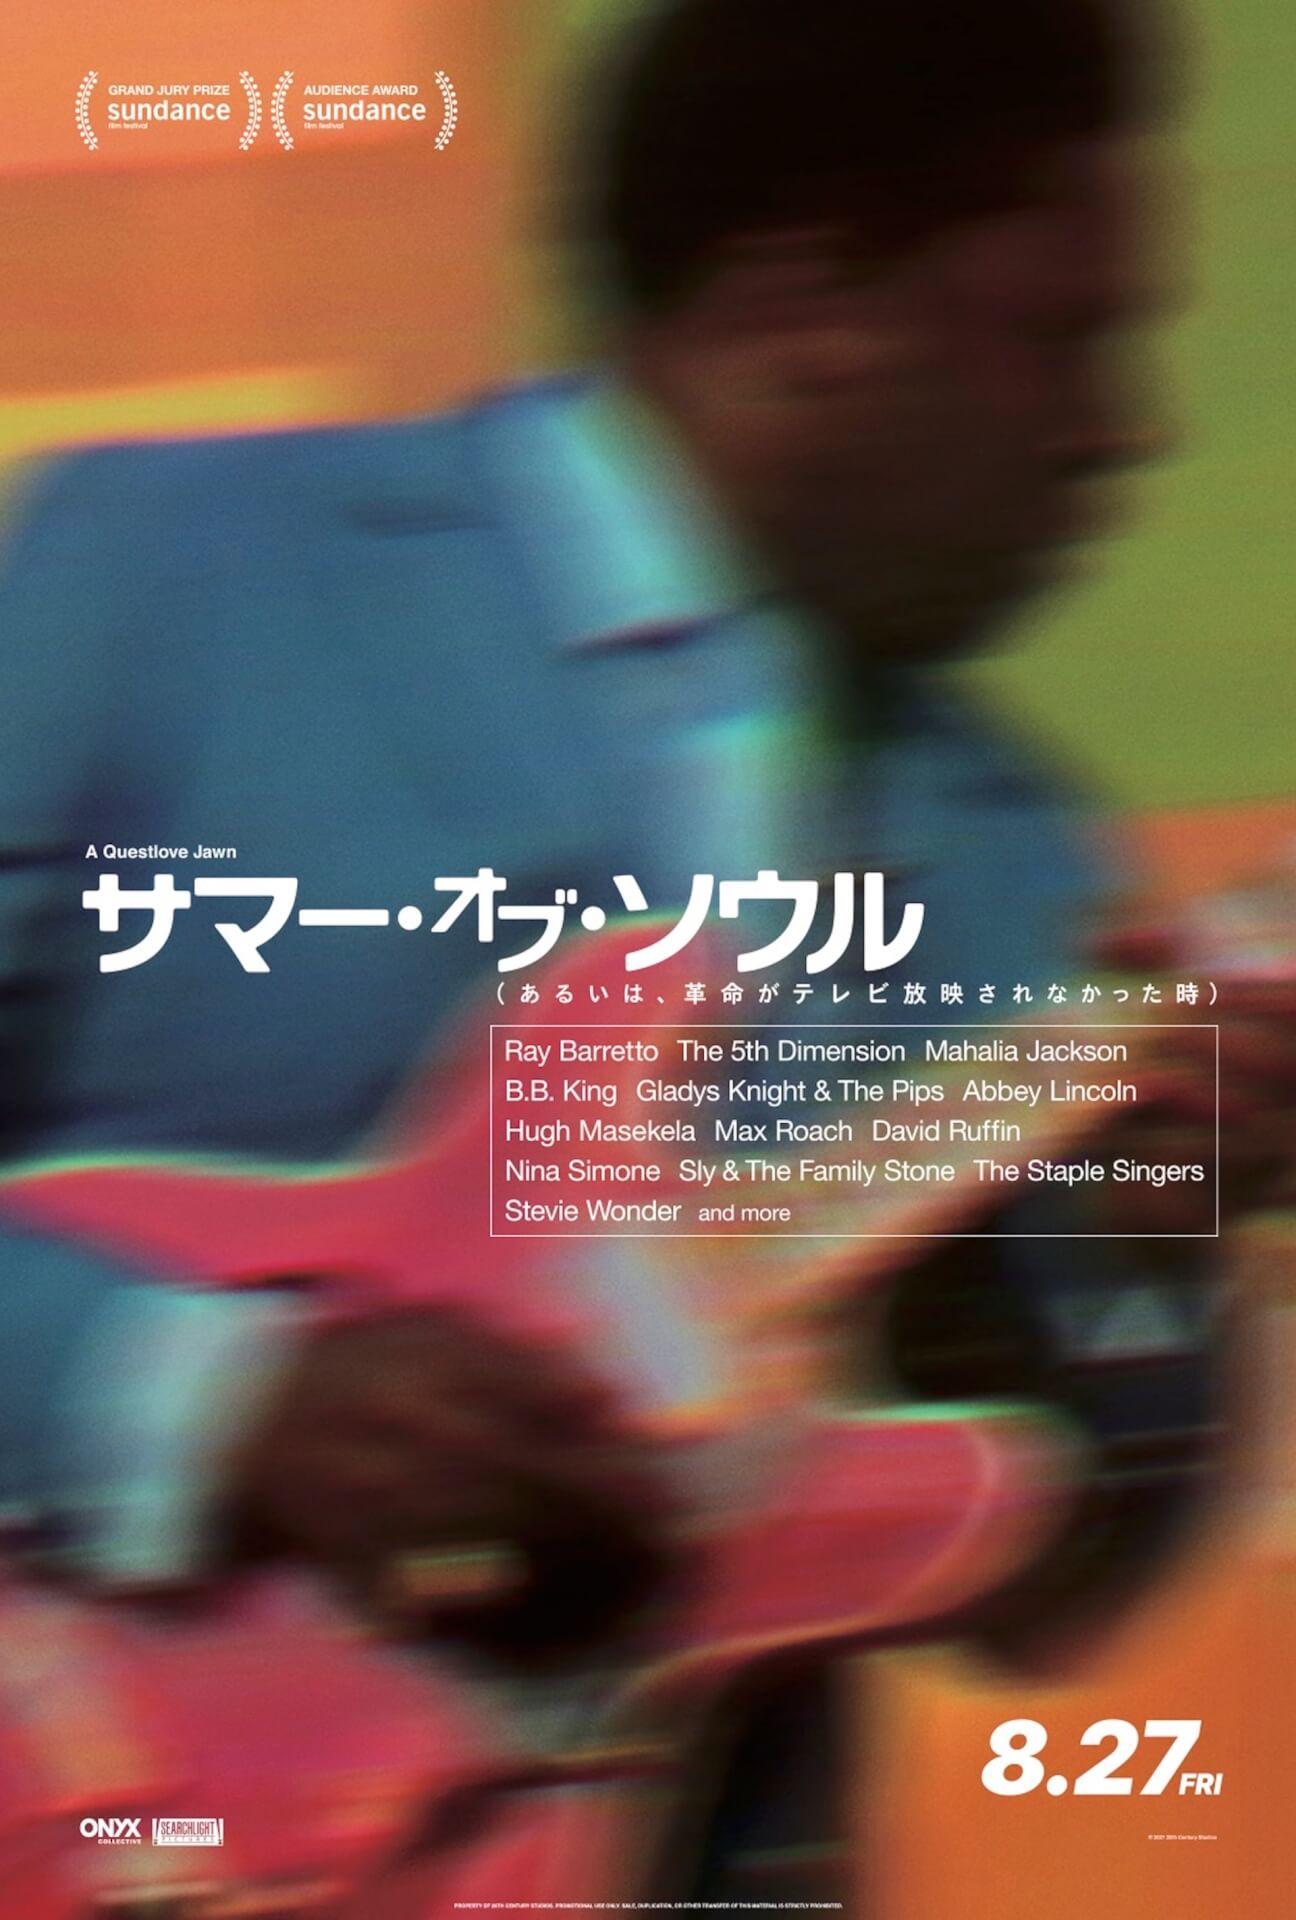 B.B.キング、グラディス・ナイト、ニーナ・シモンらのパフォーマンスシーンを切り取った『サマー・オブ・ソウル』のポスター13種類が一挙解禁! film210721_summerofsoul_1